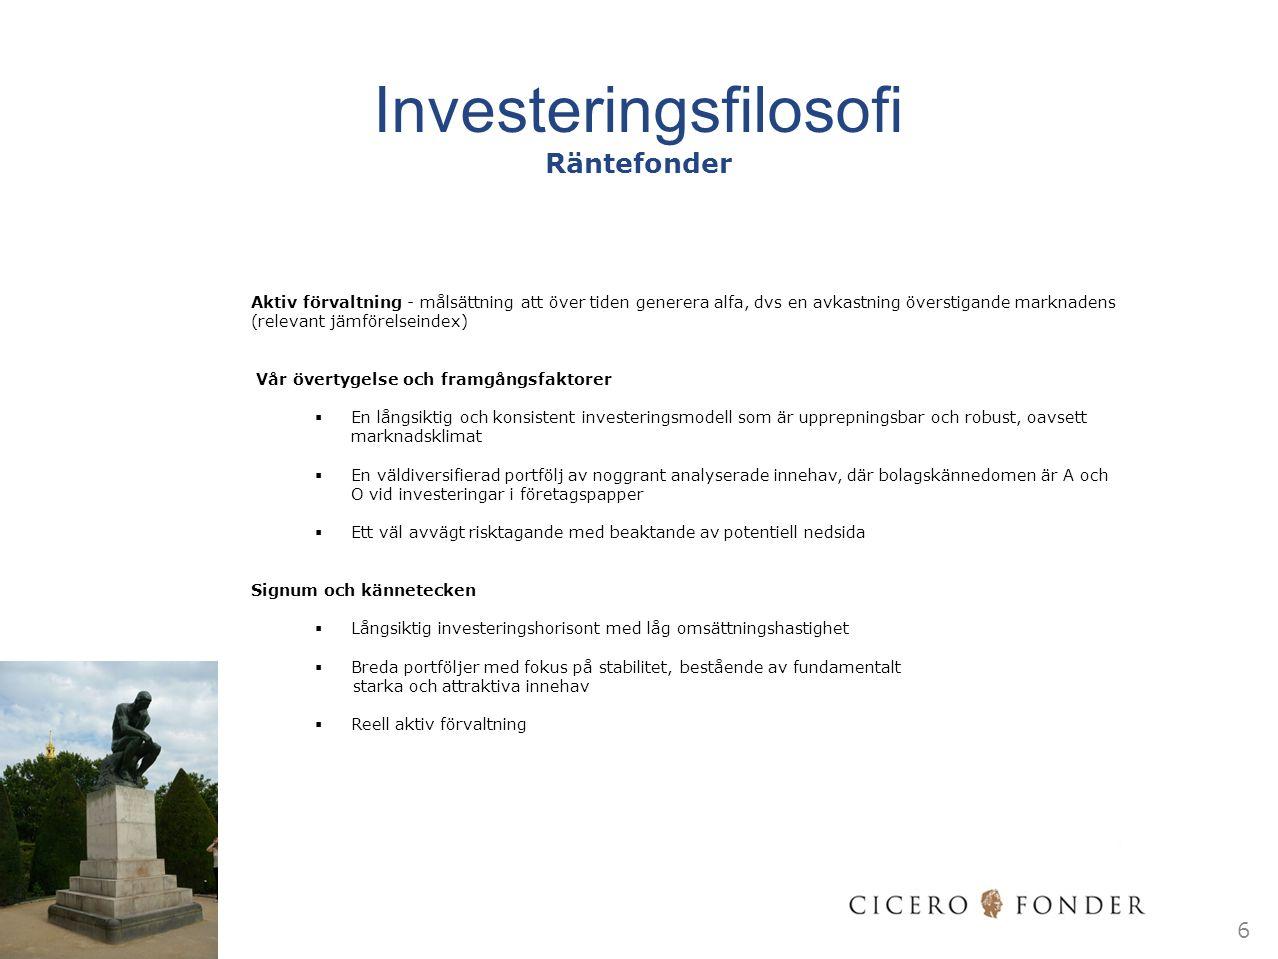 Hållbara placeringar Ansvarsfulla investeringar: Vi är övertygade om att bolag som drivs långsiktigt hållbart är de bolag som kommer att gynna våra andelsägare i form av bra avkastning över tid.